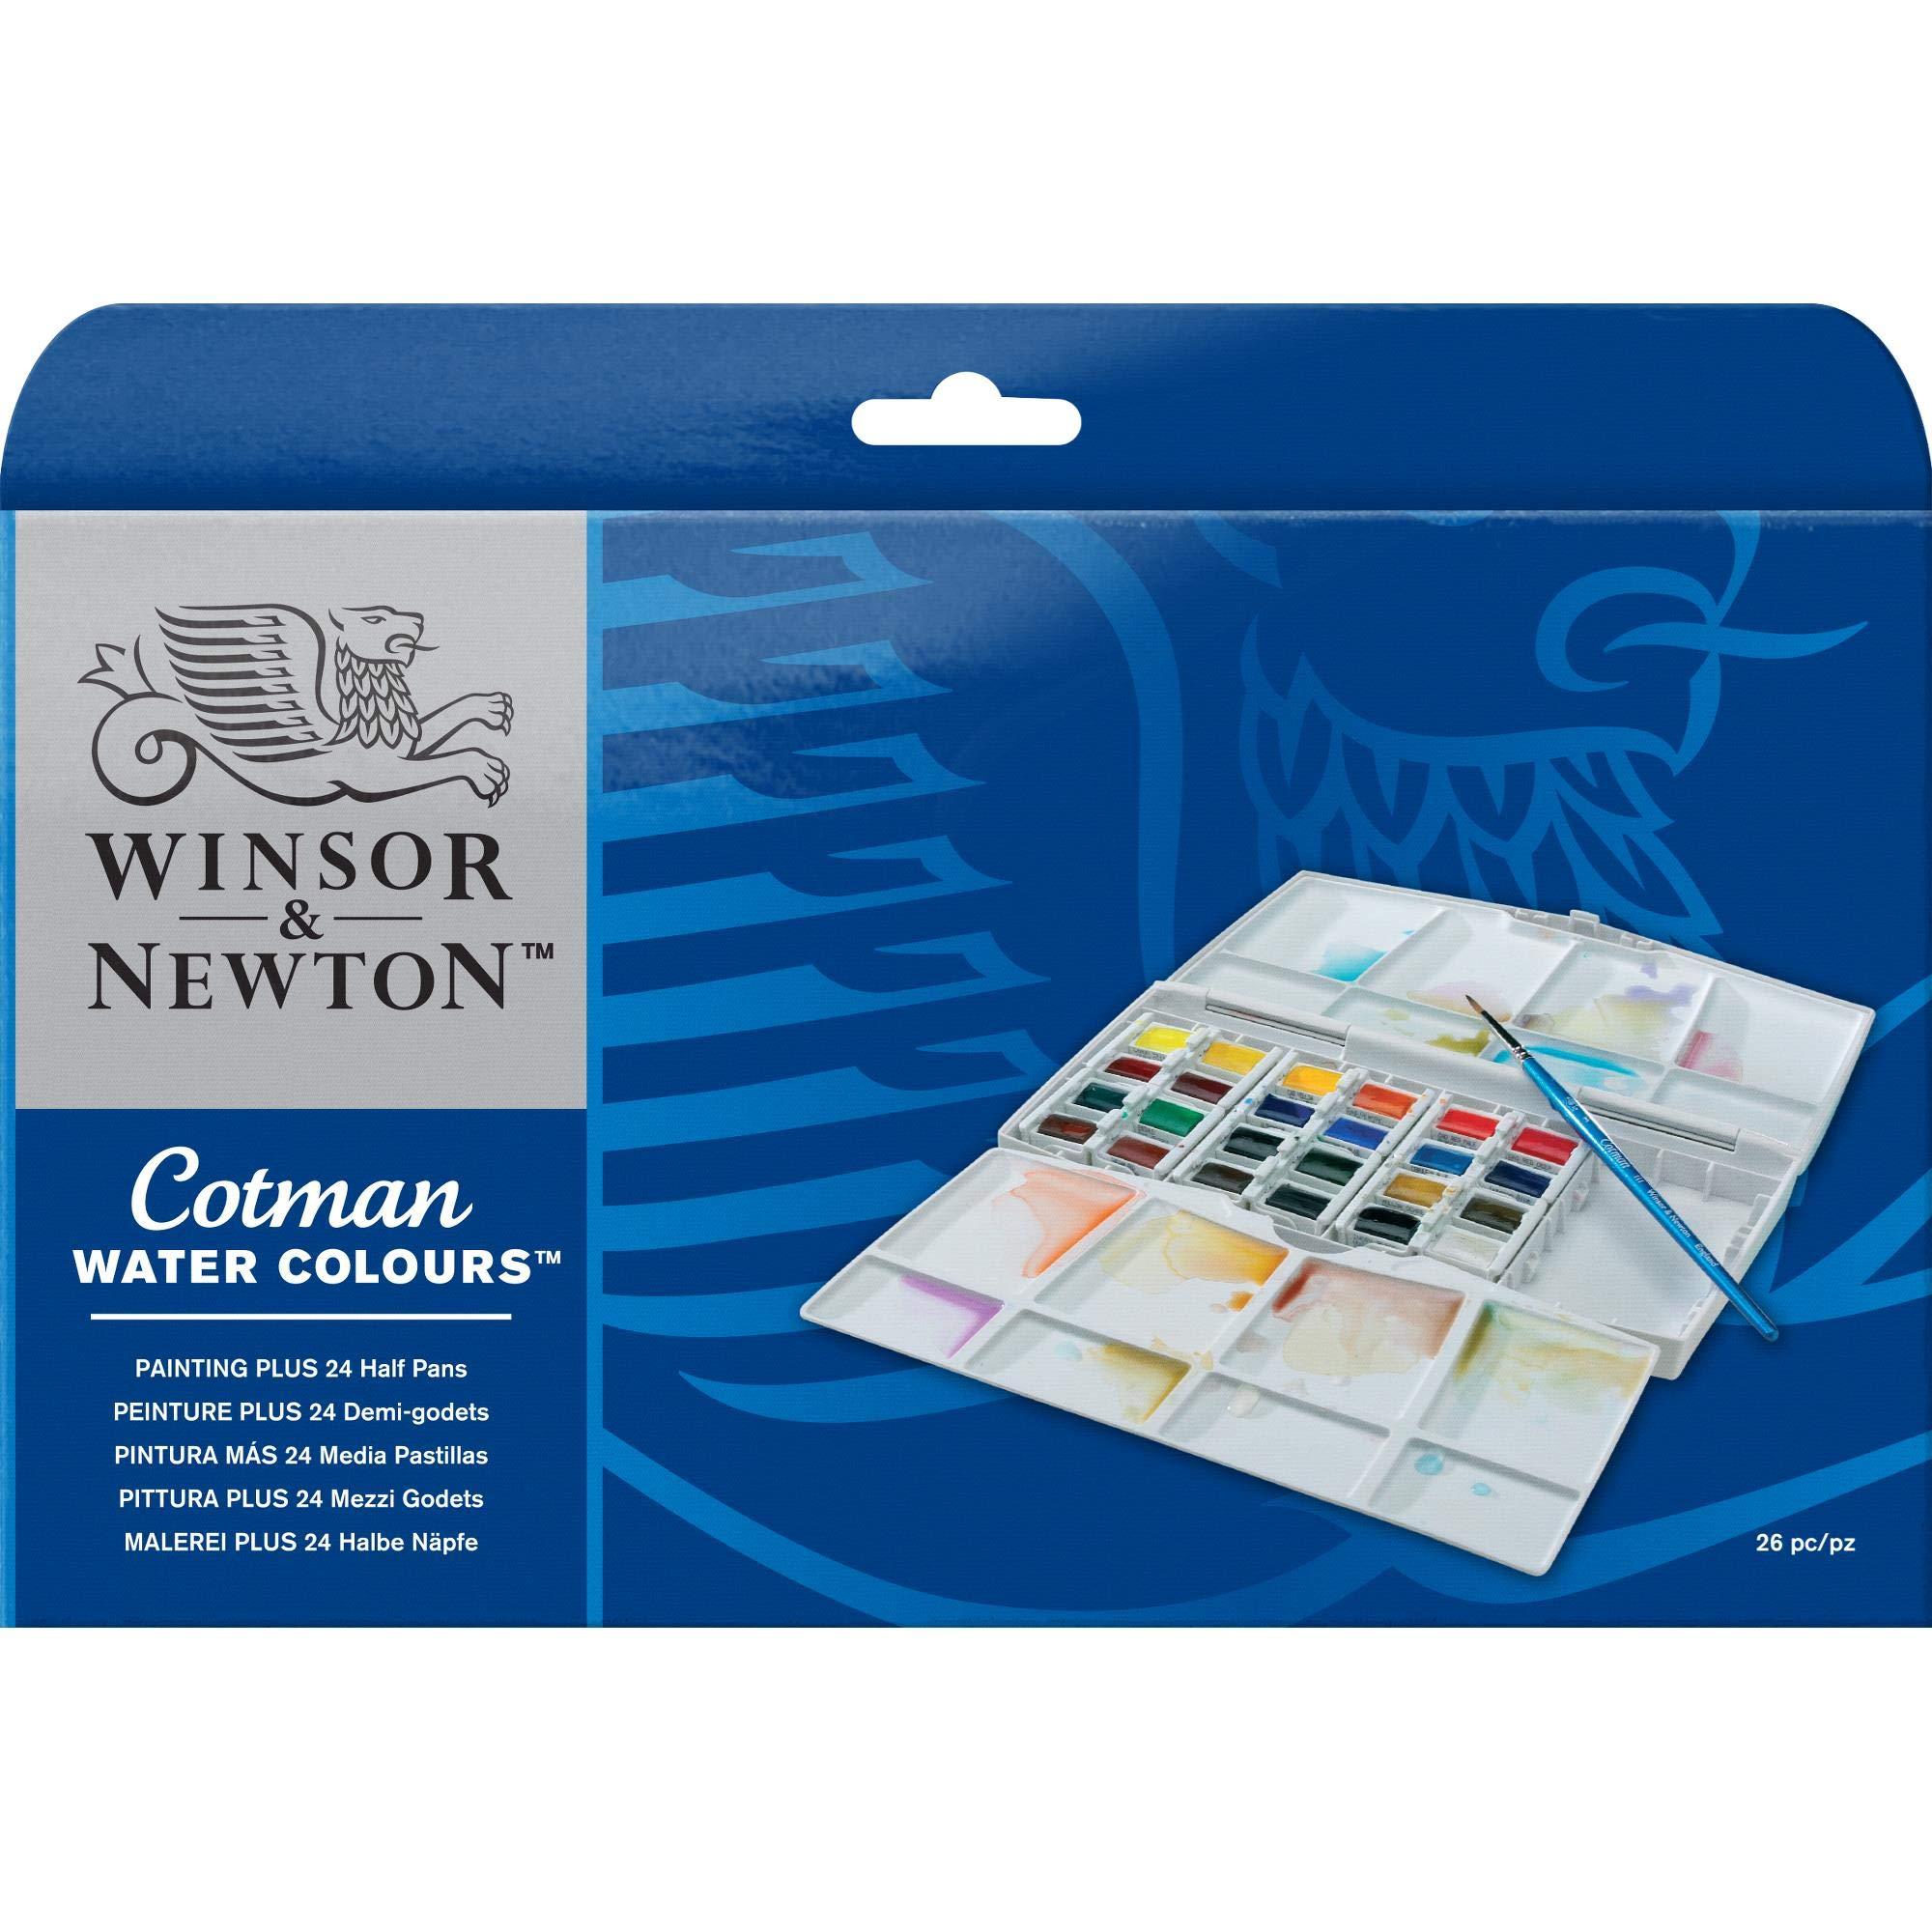 Winsor & Newton Cotman Water Colour Painting Plus Set, Set of 24, Half Pans